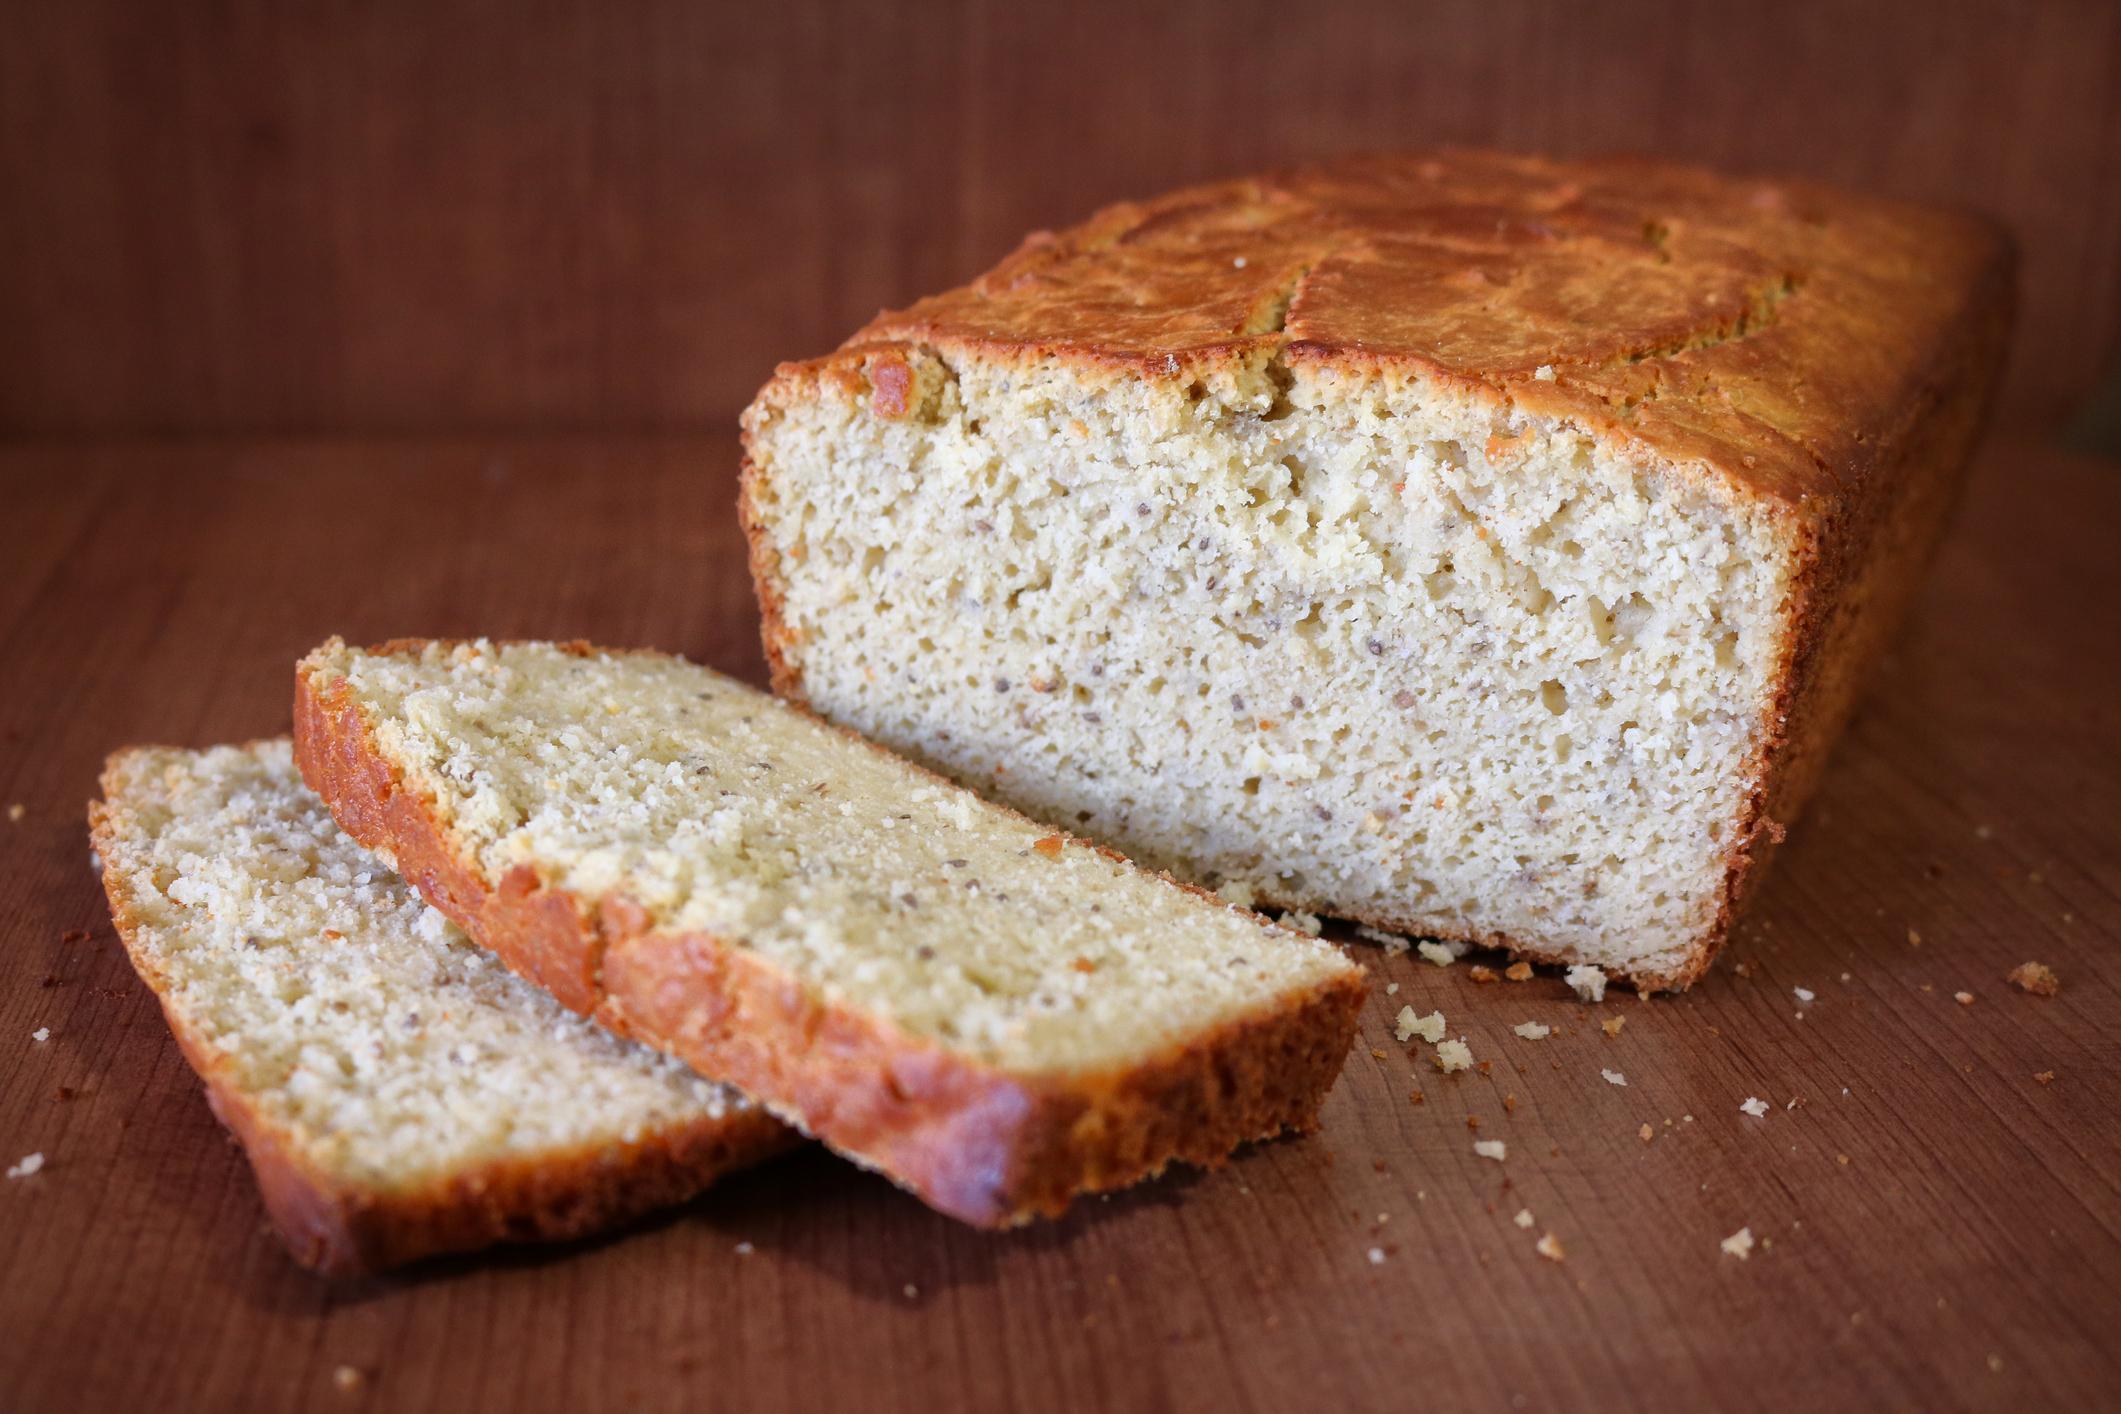 How much gluten is in gluten-free food?